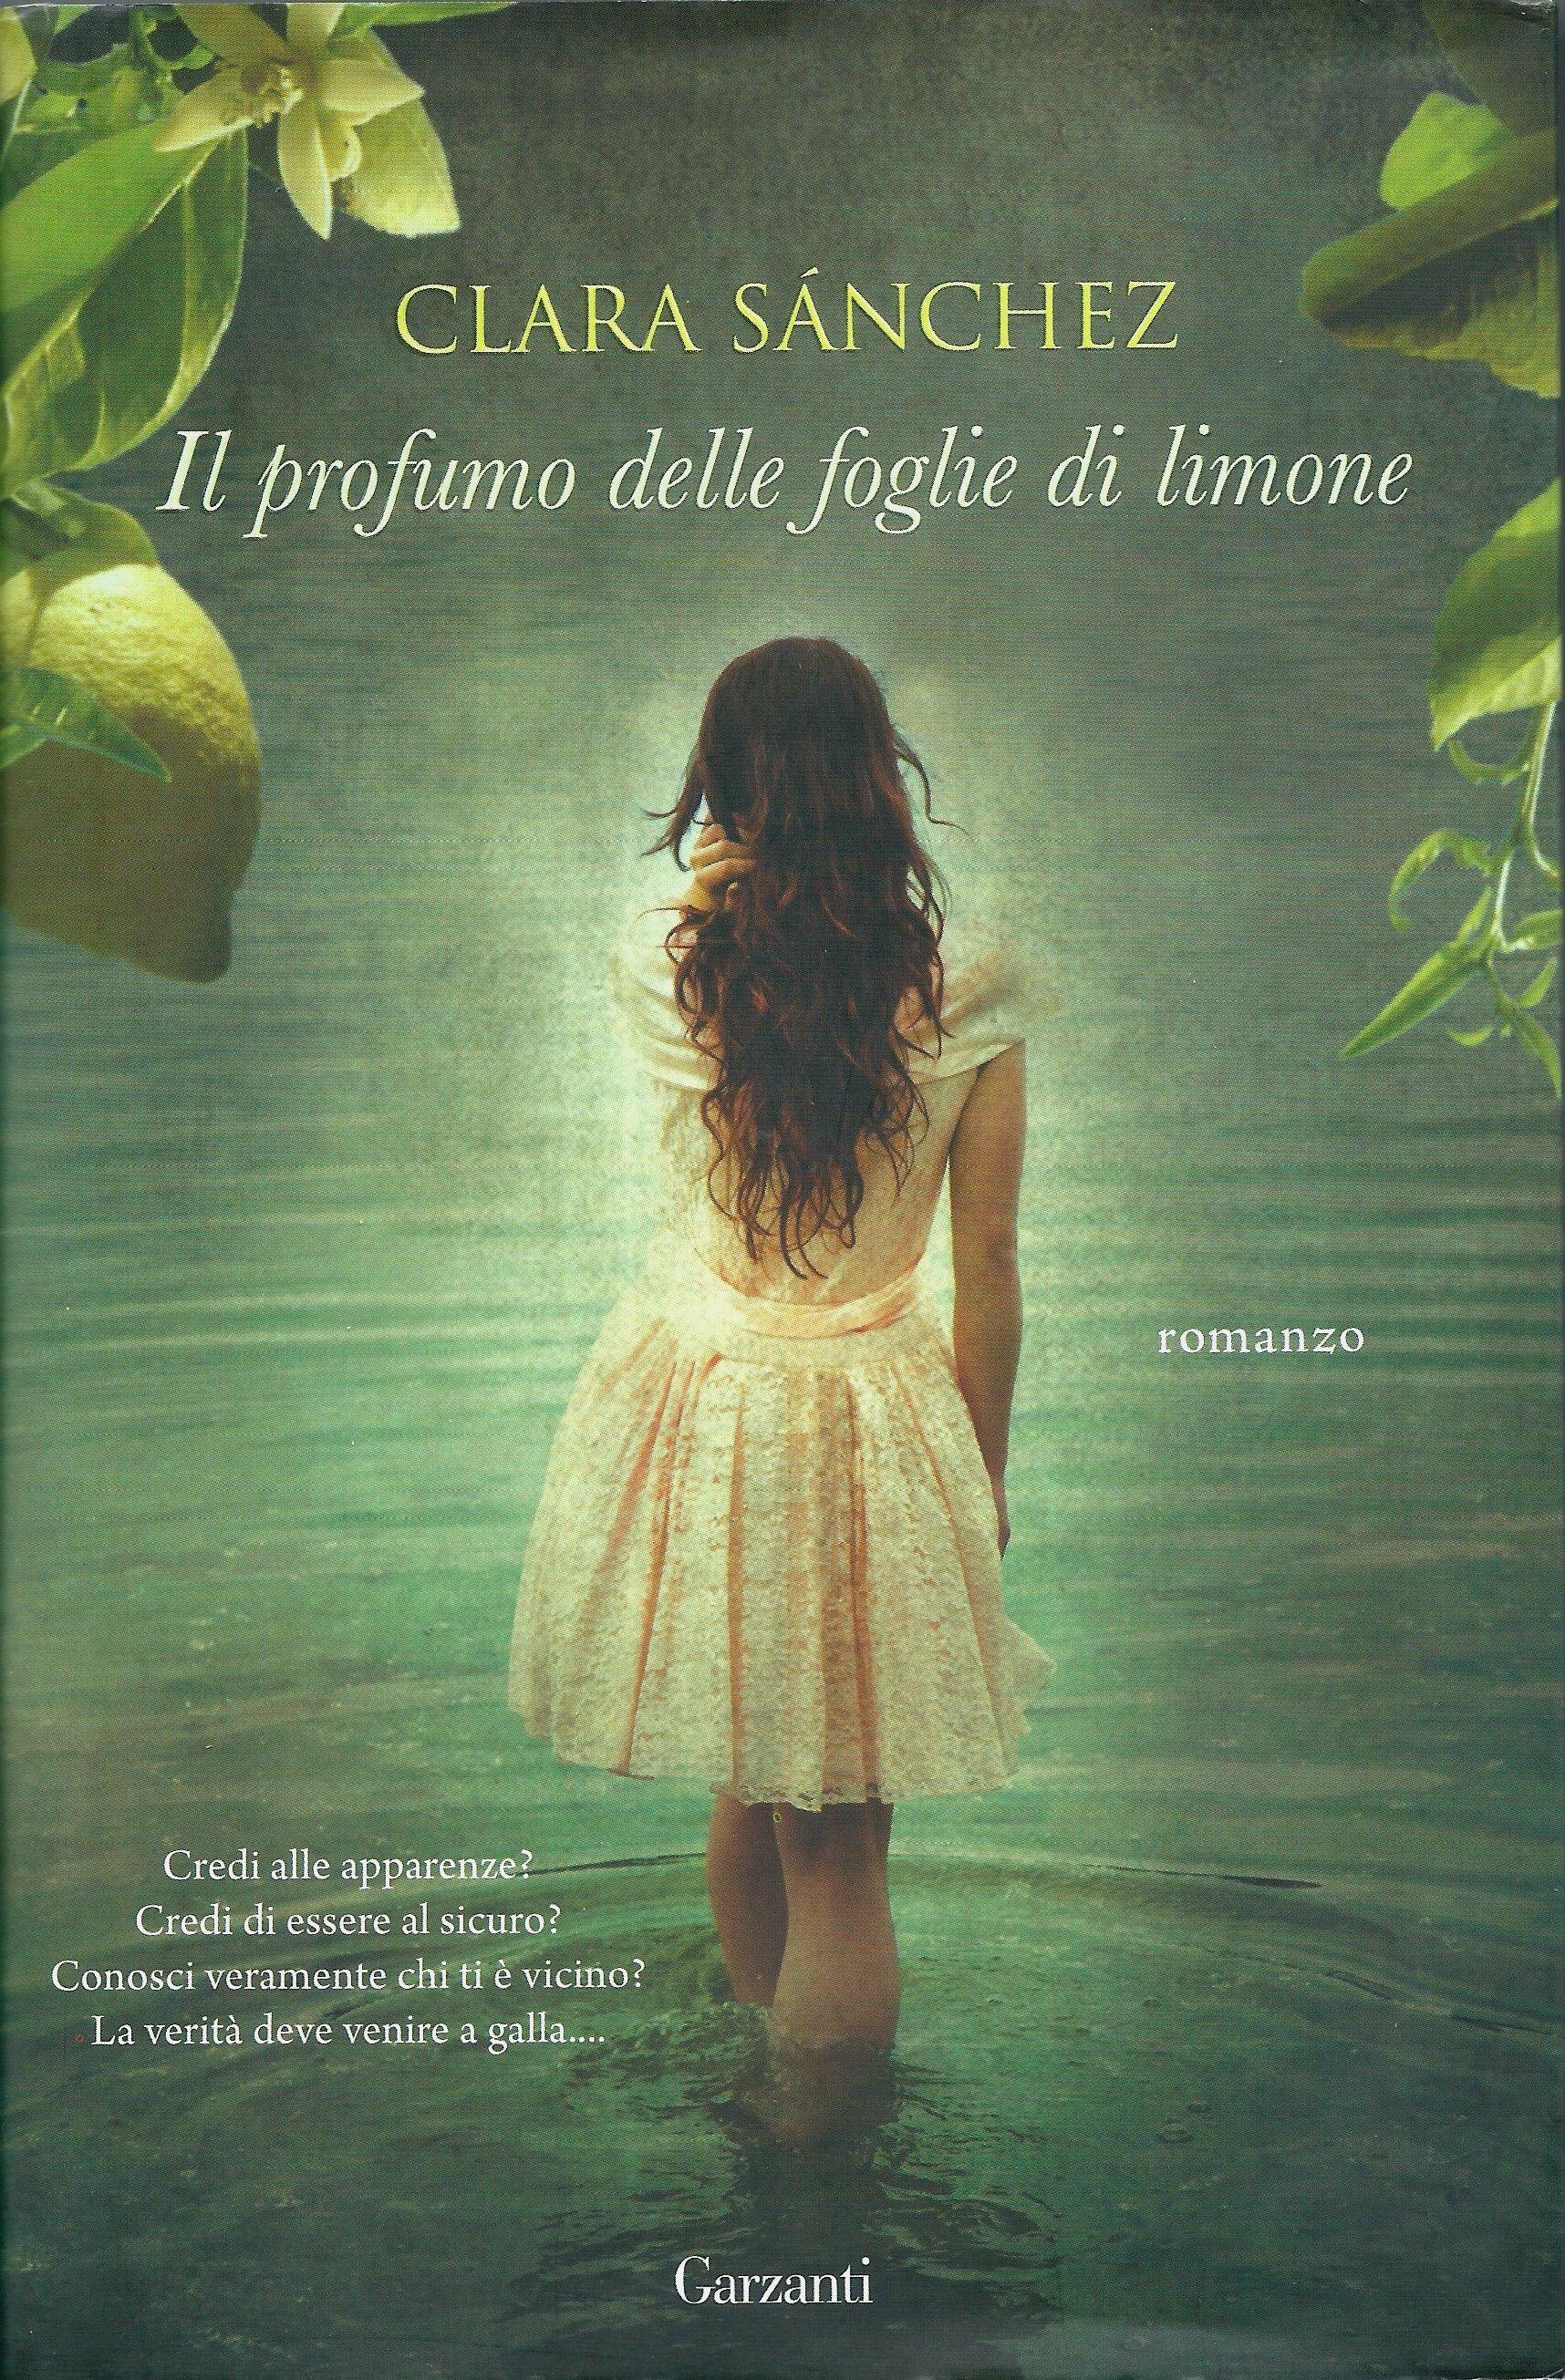 More about Il profumo delle foglie di limone